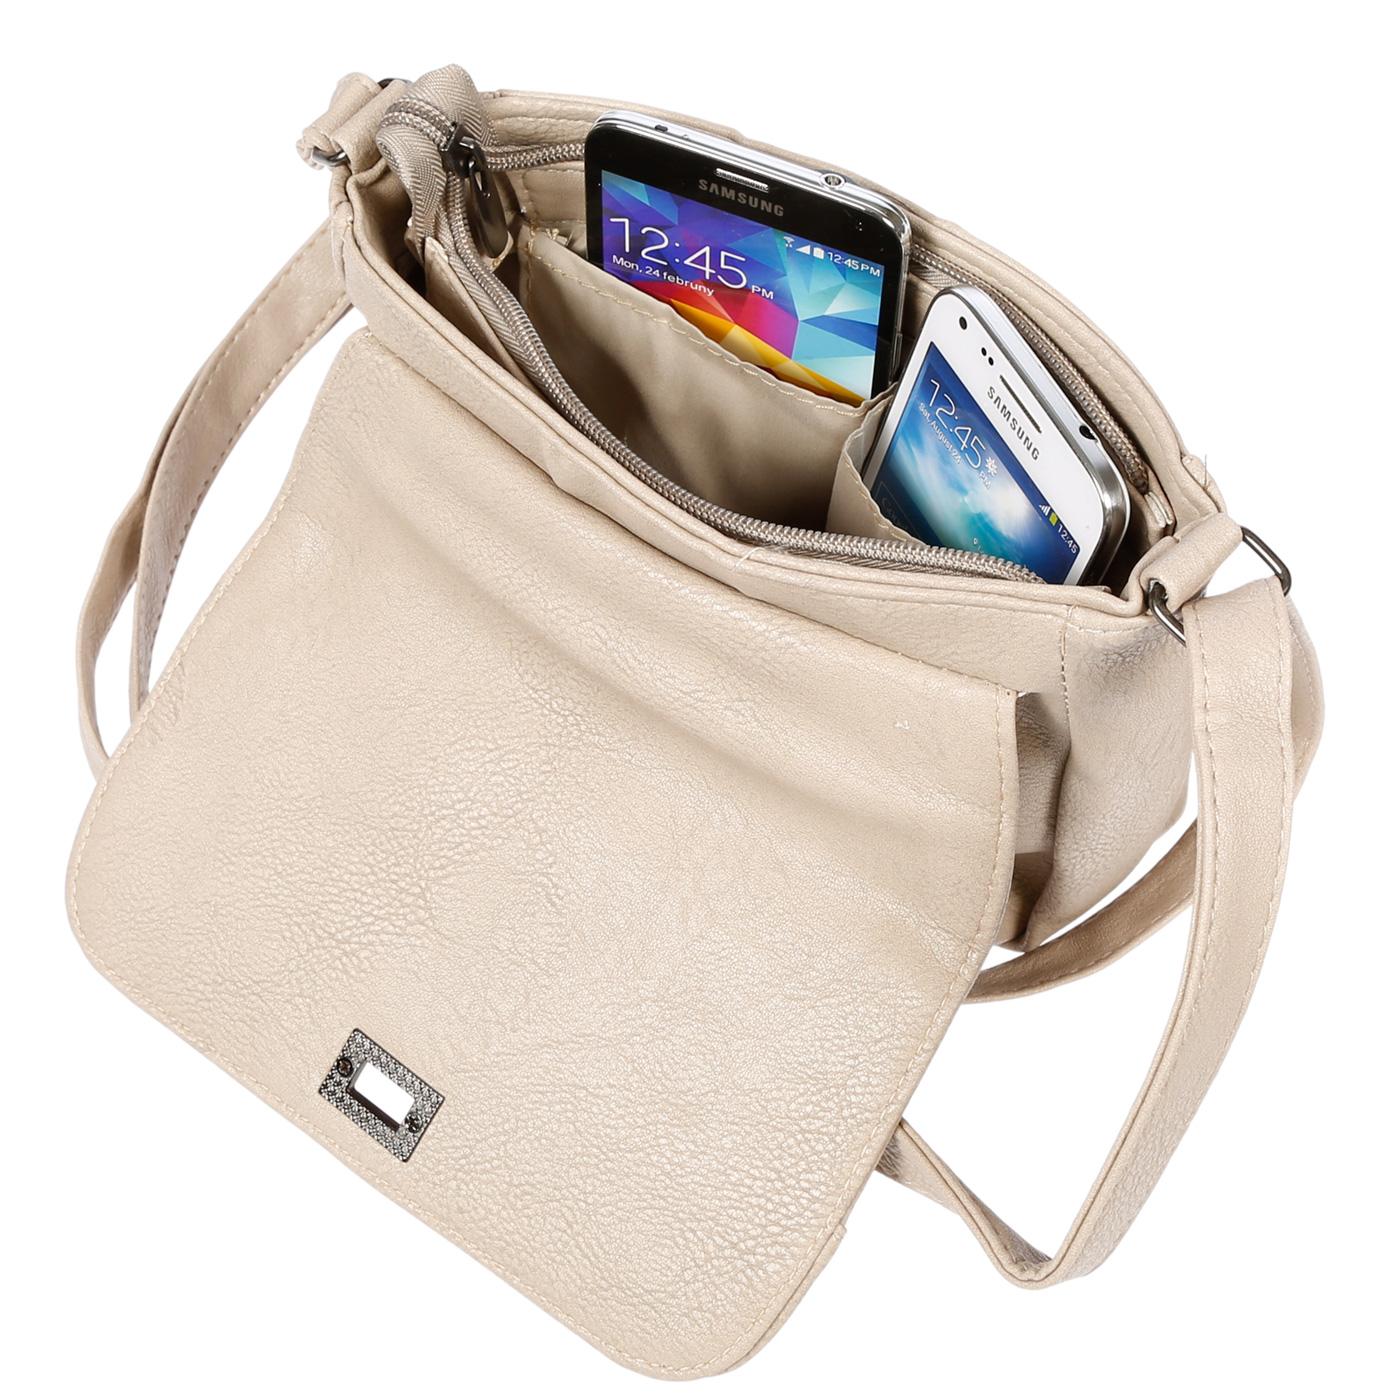 Kleine-Damen-Tasche-Umhaengetasche-Schultertasche-Crossover-Bag-Leder-Optik-NEU Indexbild 26